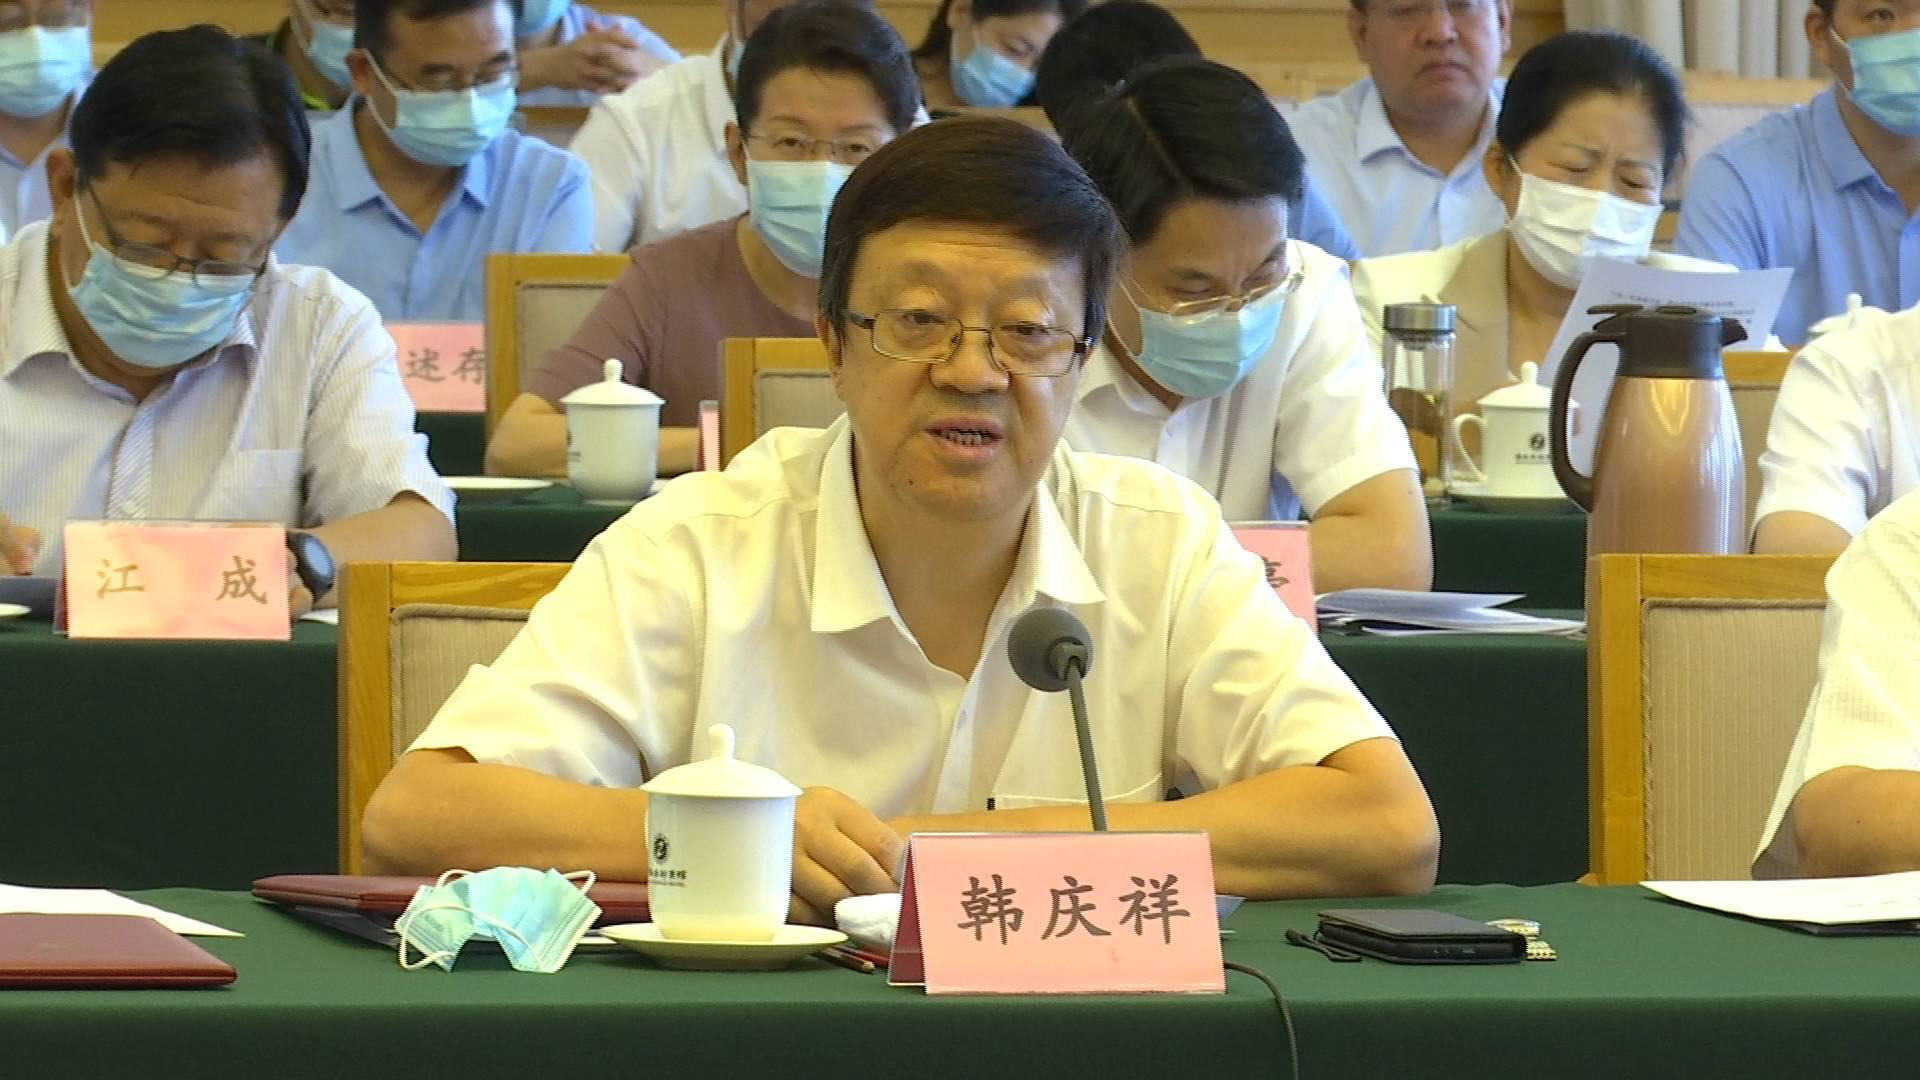 山东省习近平新时代中国特色社会主义思想研究中心成立座谈会发言摘登